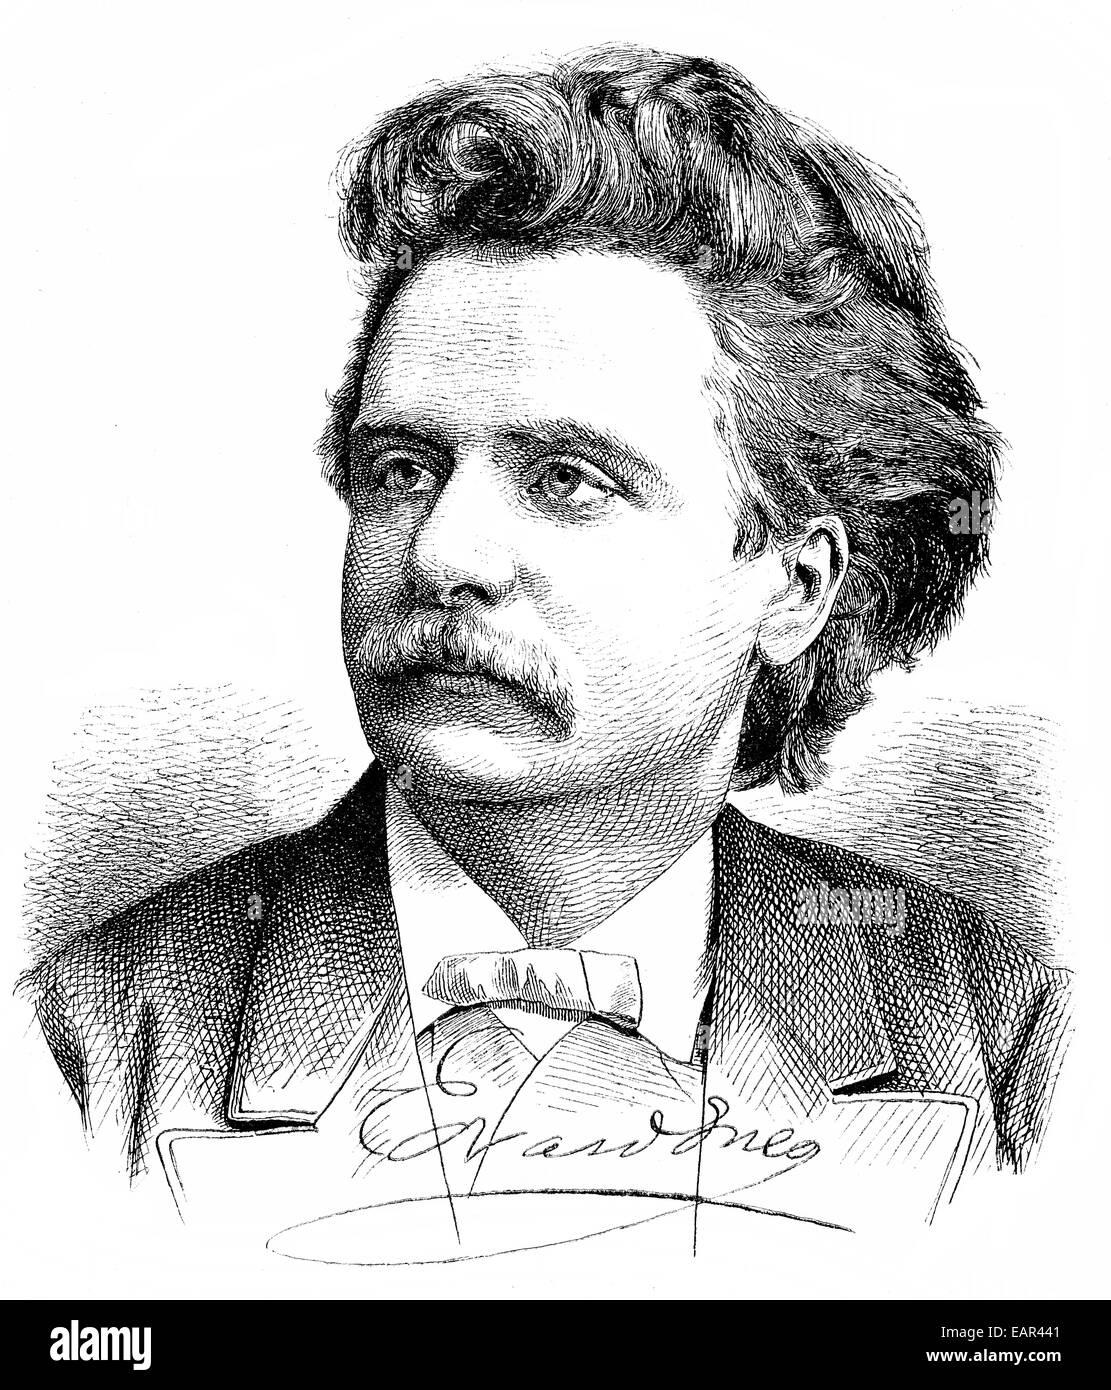 Edvard Hagerup Grieg, 1843-1907, norwegische Pianist und Komponist der Romantik, Porträt von Edvard Hagerup Stockbild